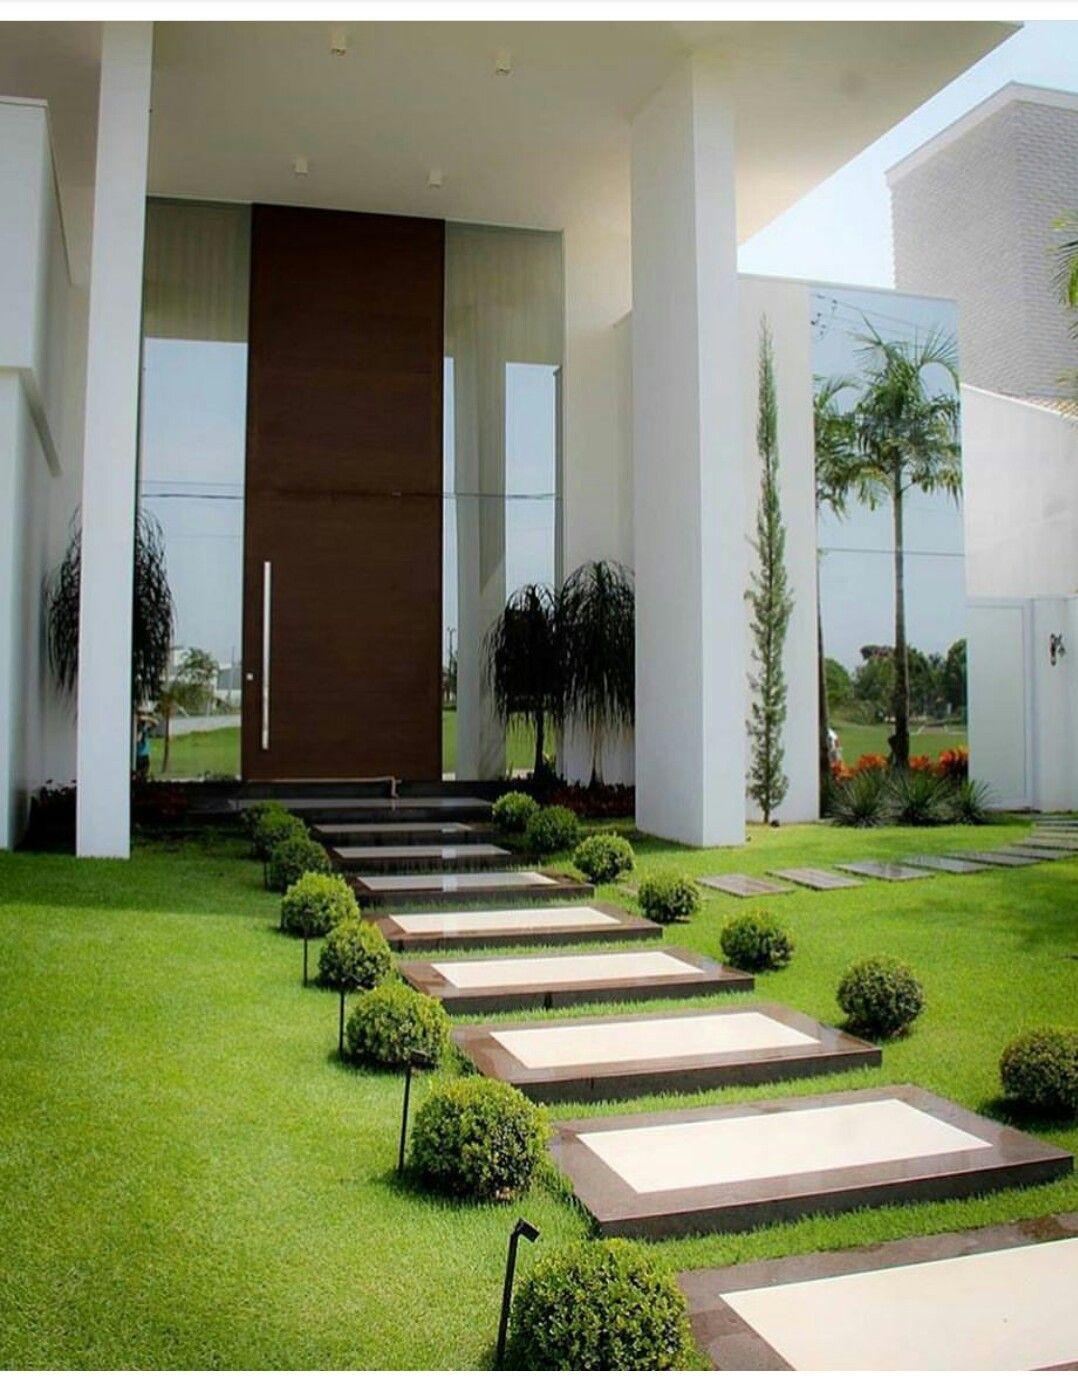 Jard n frontal jardines en 2019 jardins de casas for Jardines interiores de casas modernas